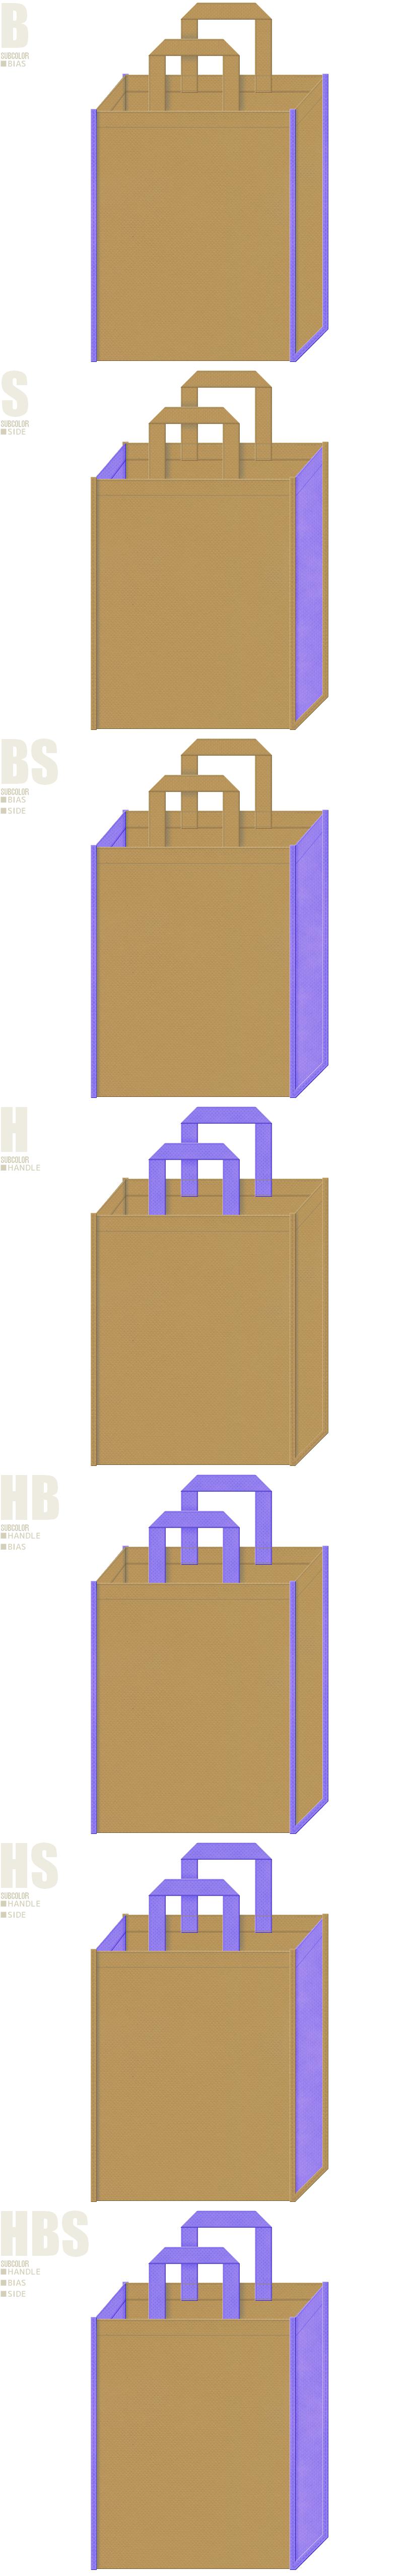 金色系黄土色と明るめの紫色、7パターンの不織布トートバッグ配色デザイン例。